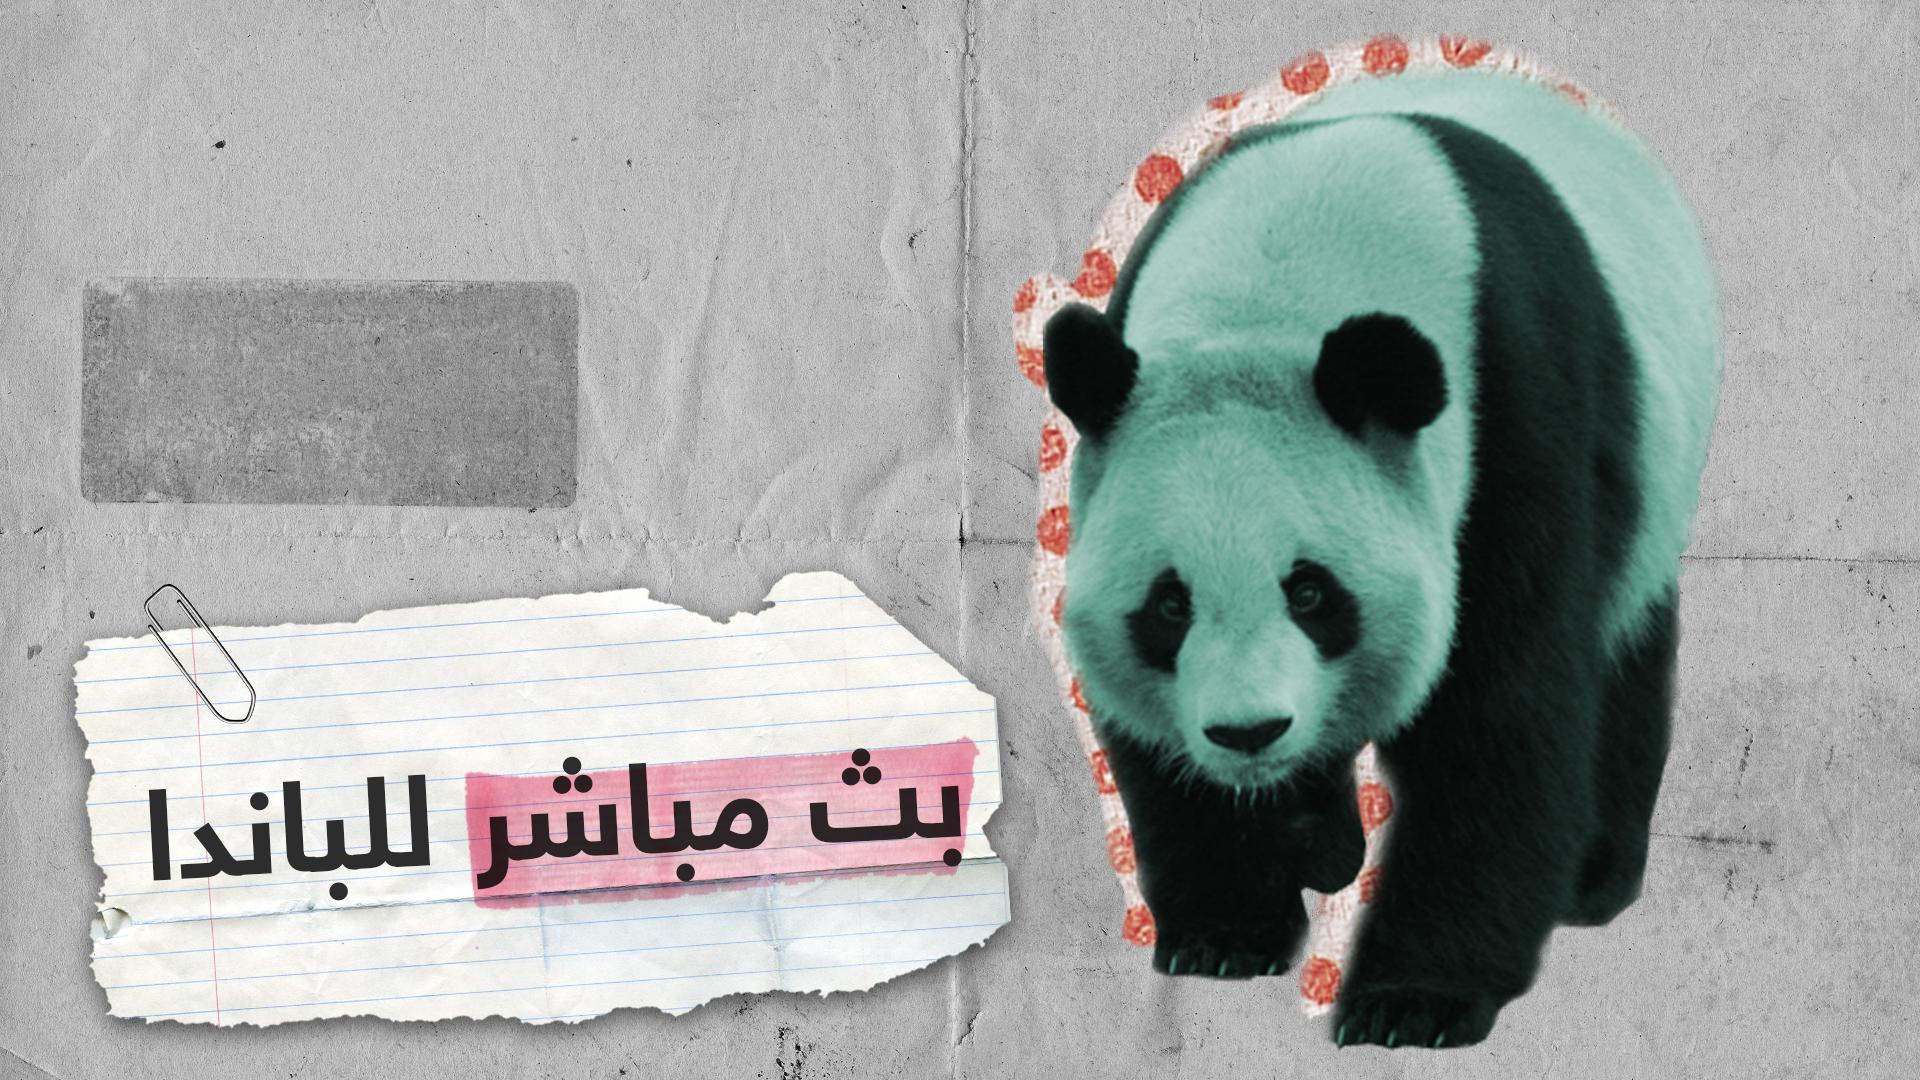 حياة الباندا في بث مباشر من حديقة الحيوانات بموسكو